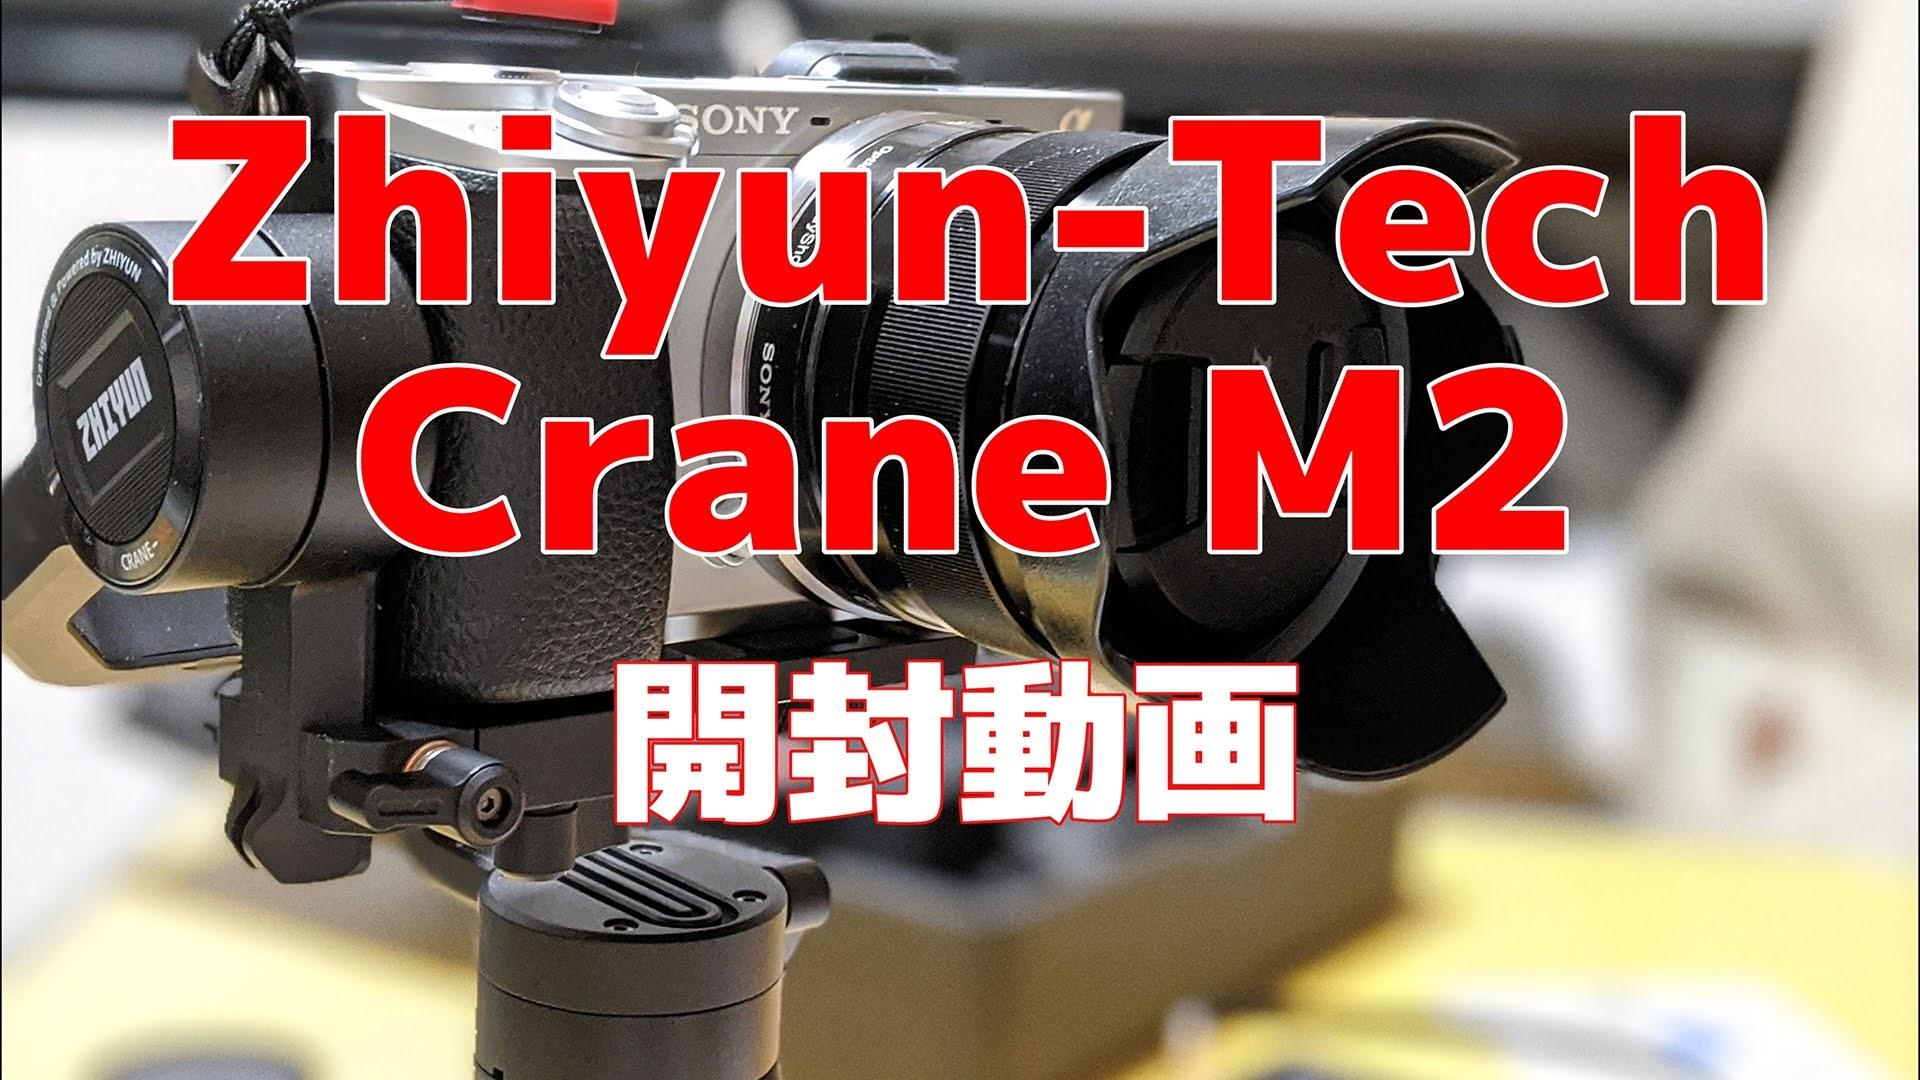 「Zhiyun-Tech Crane M2」の開封とテスト撮影【動画】